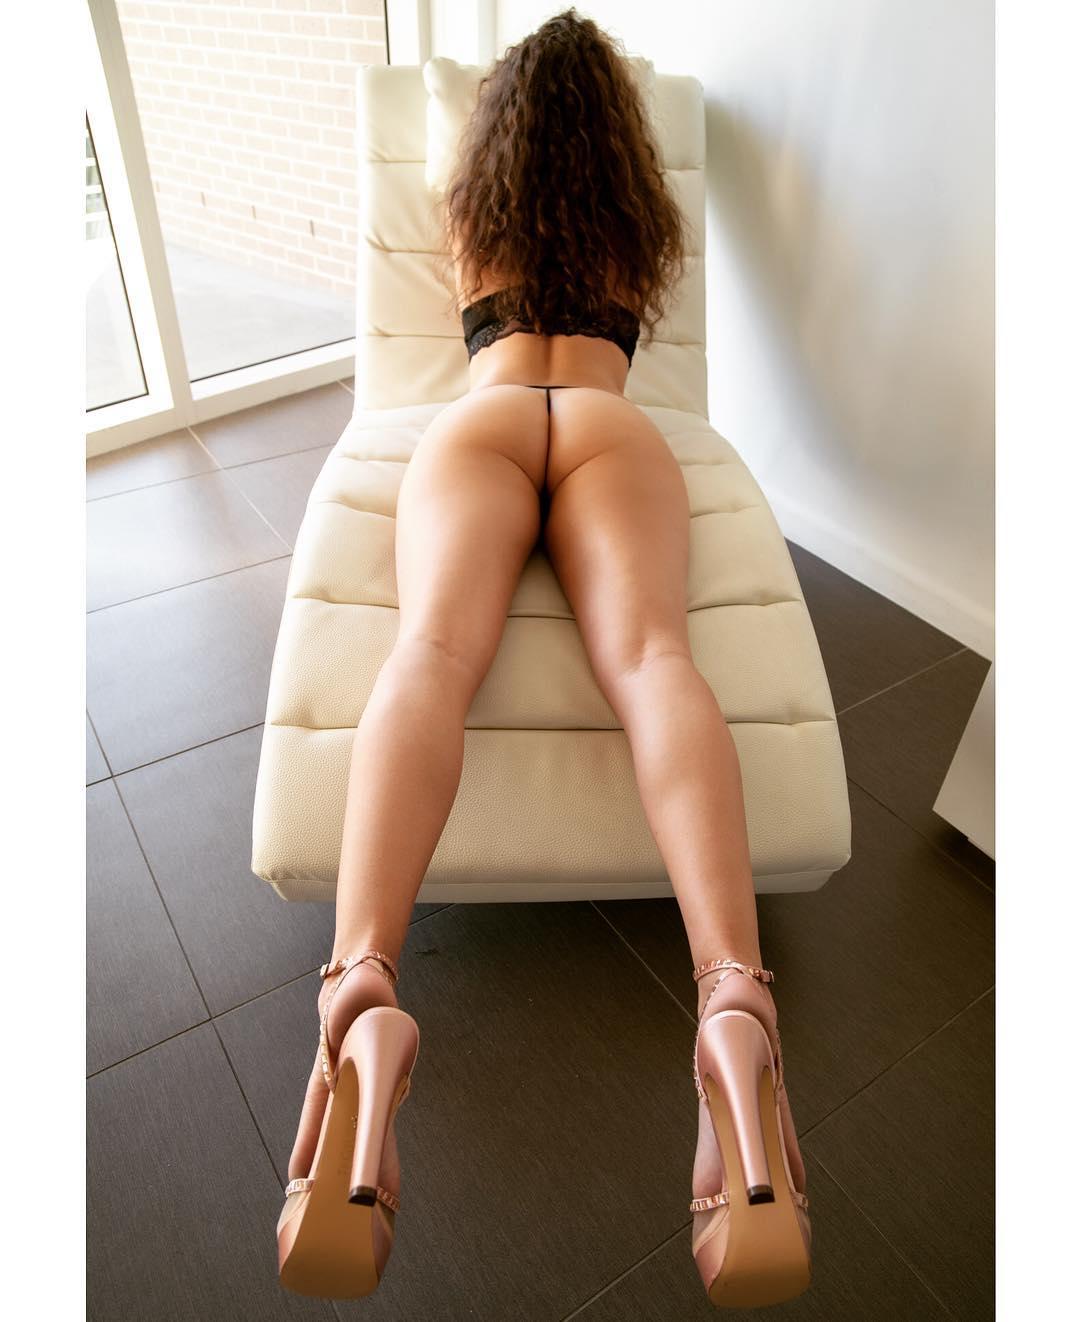 Onaartist Nude Sarah White Onagram Leaked 0038